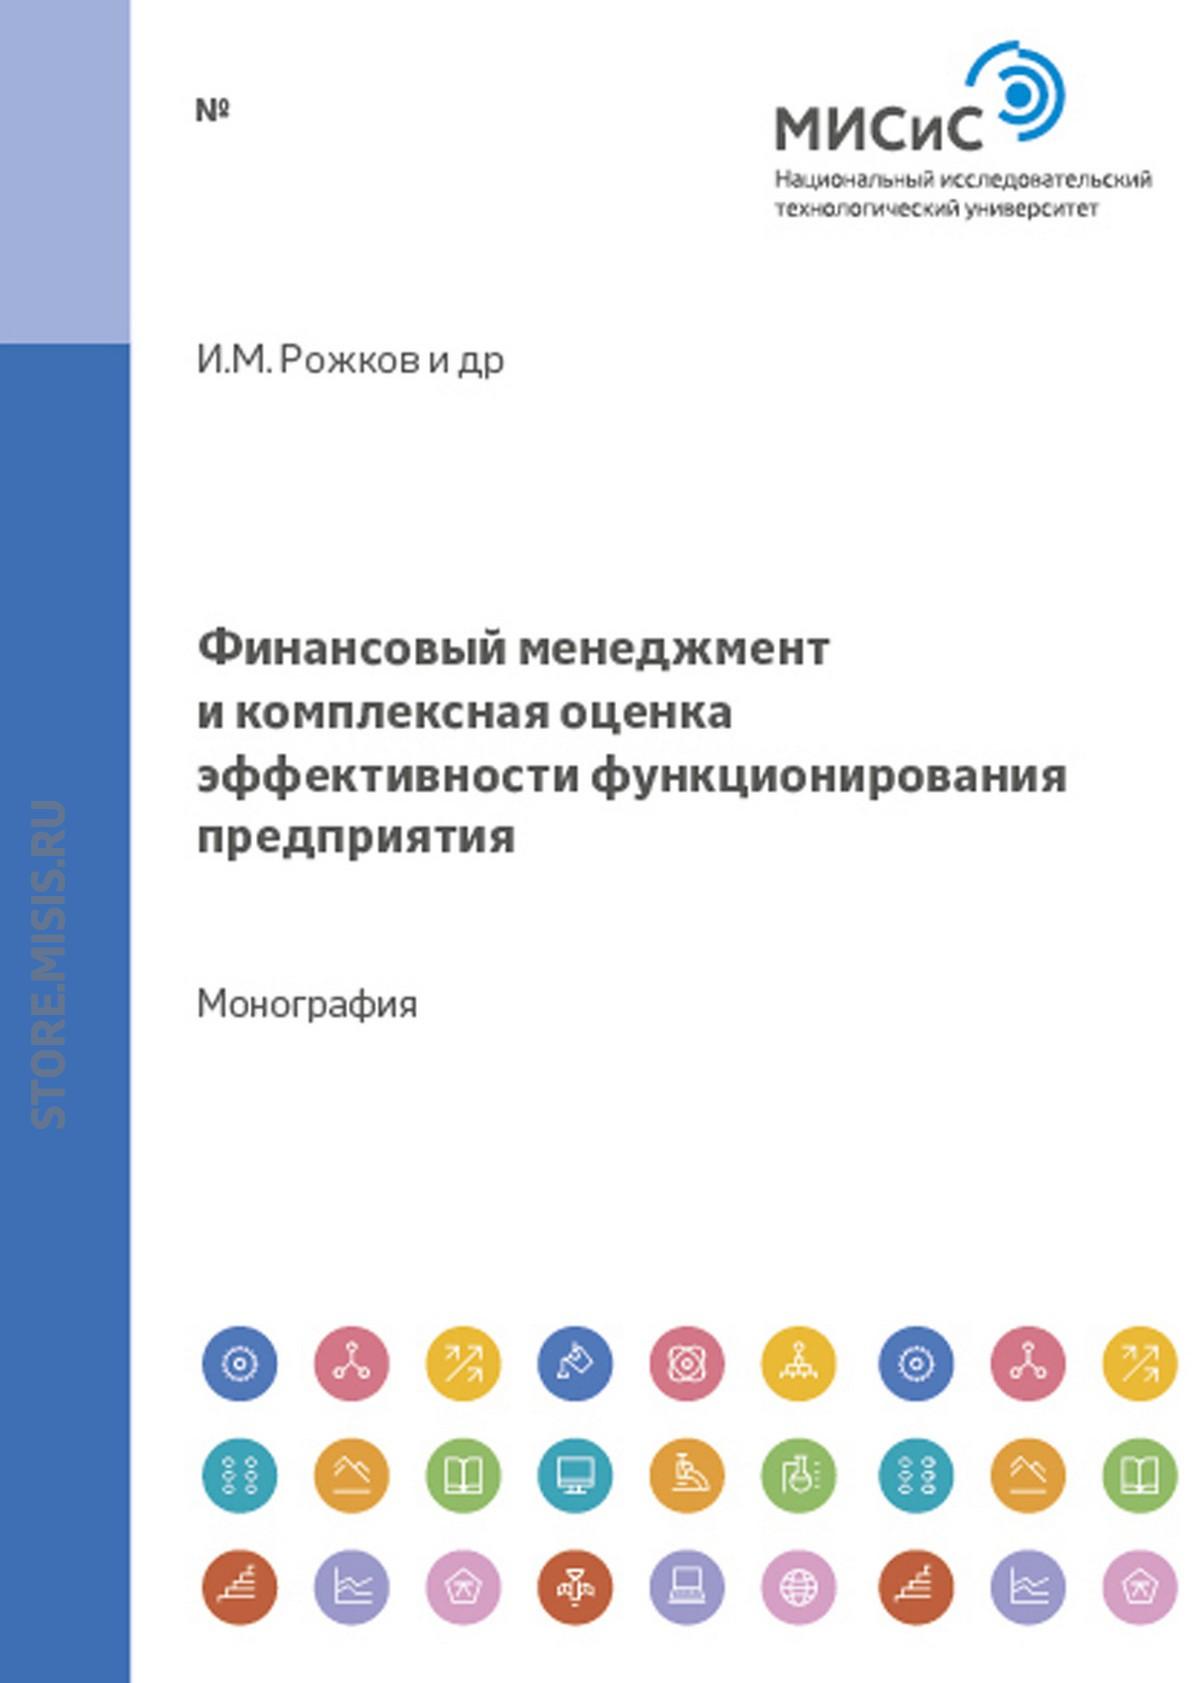 Евгения Елисеева Финансовый менеджмент и комплексная оценка эффективности функционирования предприятия евгения елисеева финансовый менеджмент бюджетное планирование и финансовый контроль на промышленном предприятии